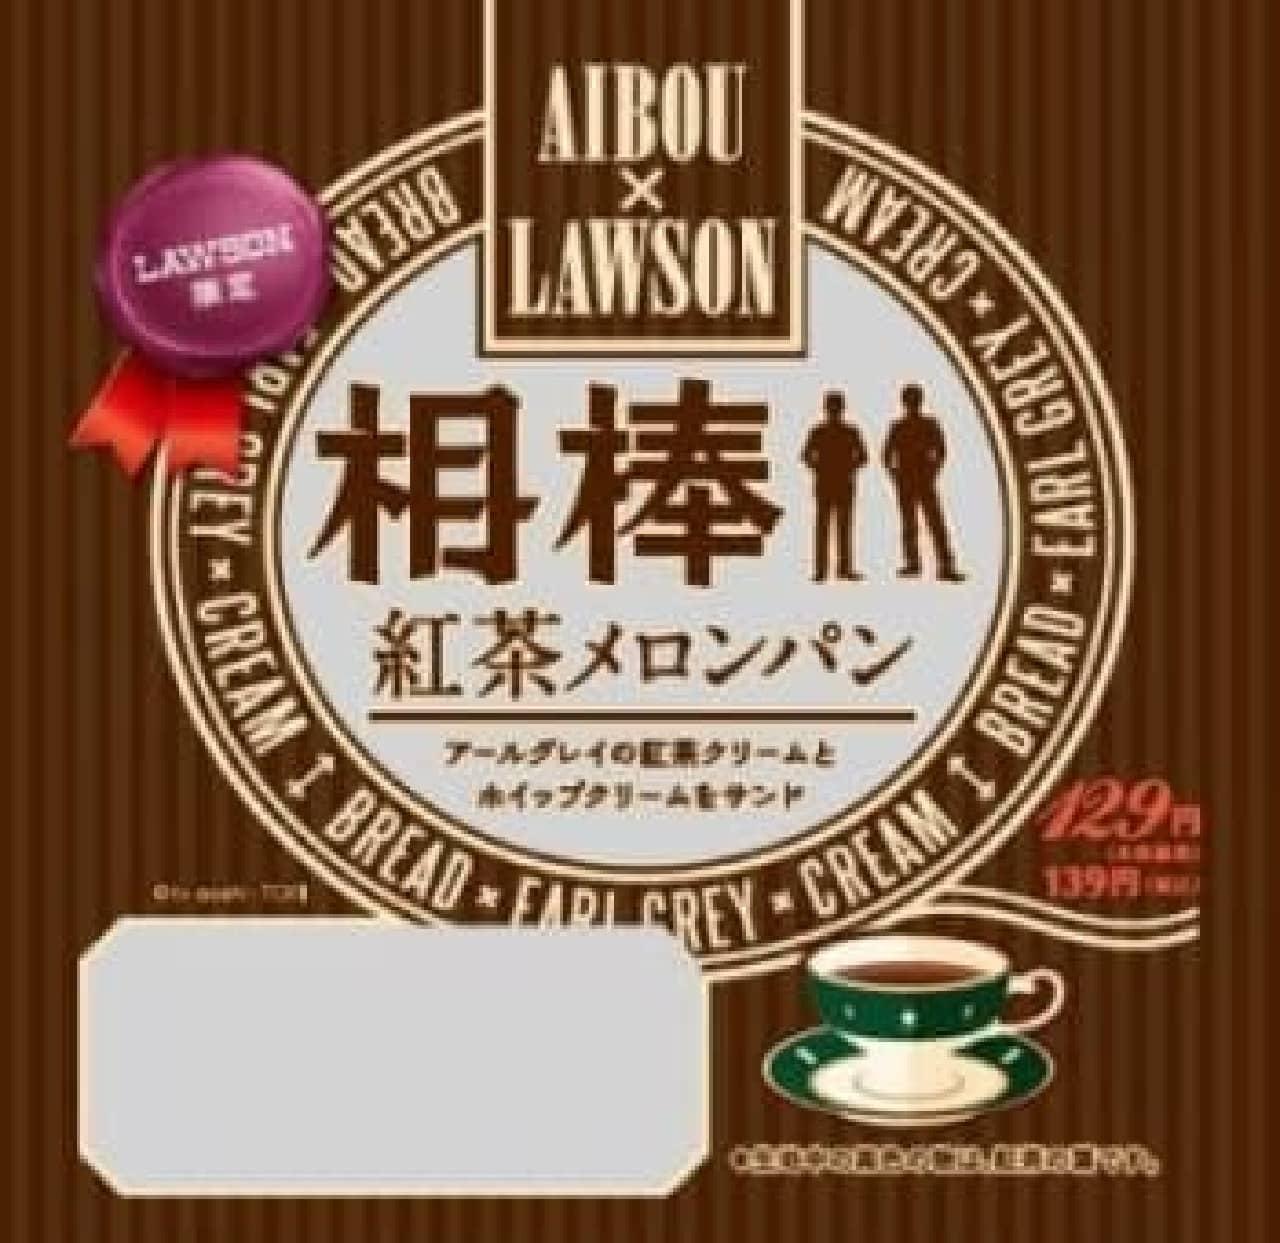 紅茶づくしの贅沢な味わい、お試しあれ!